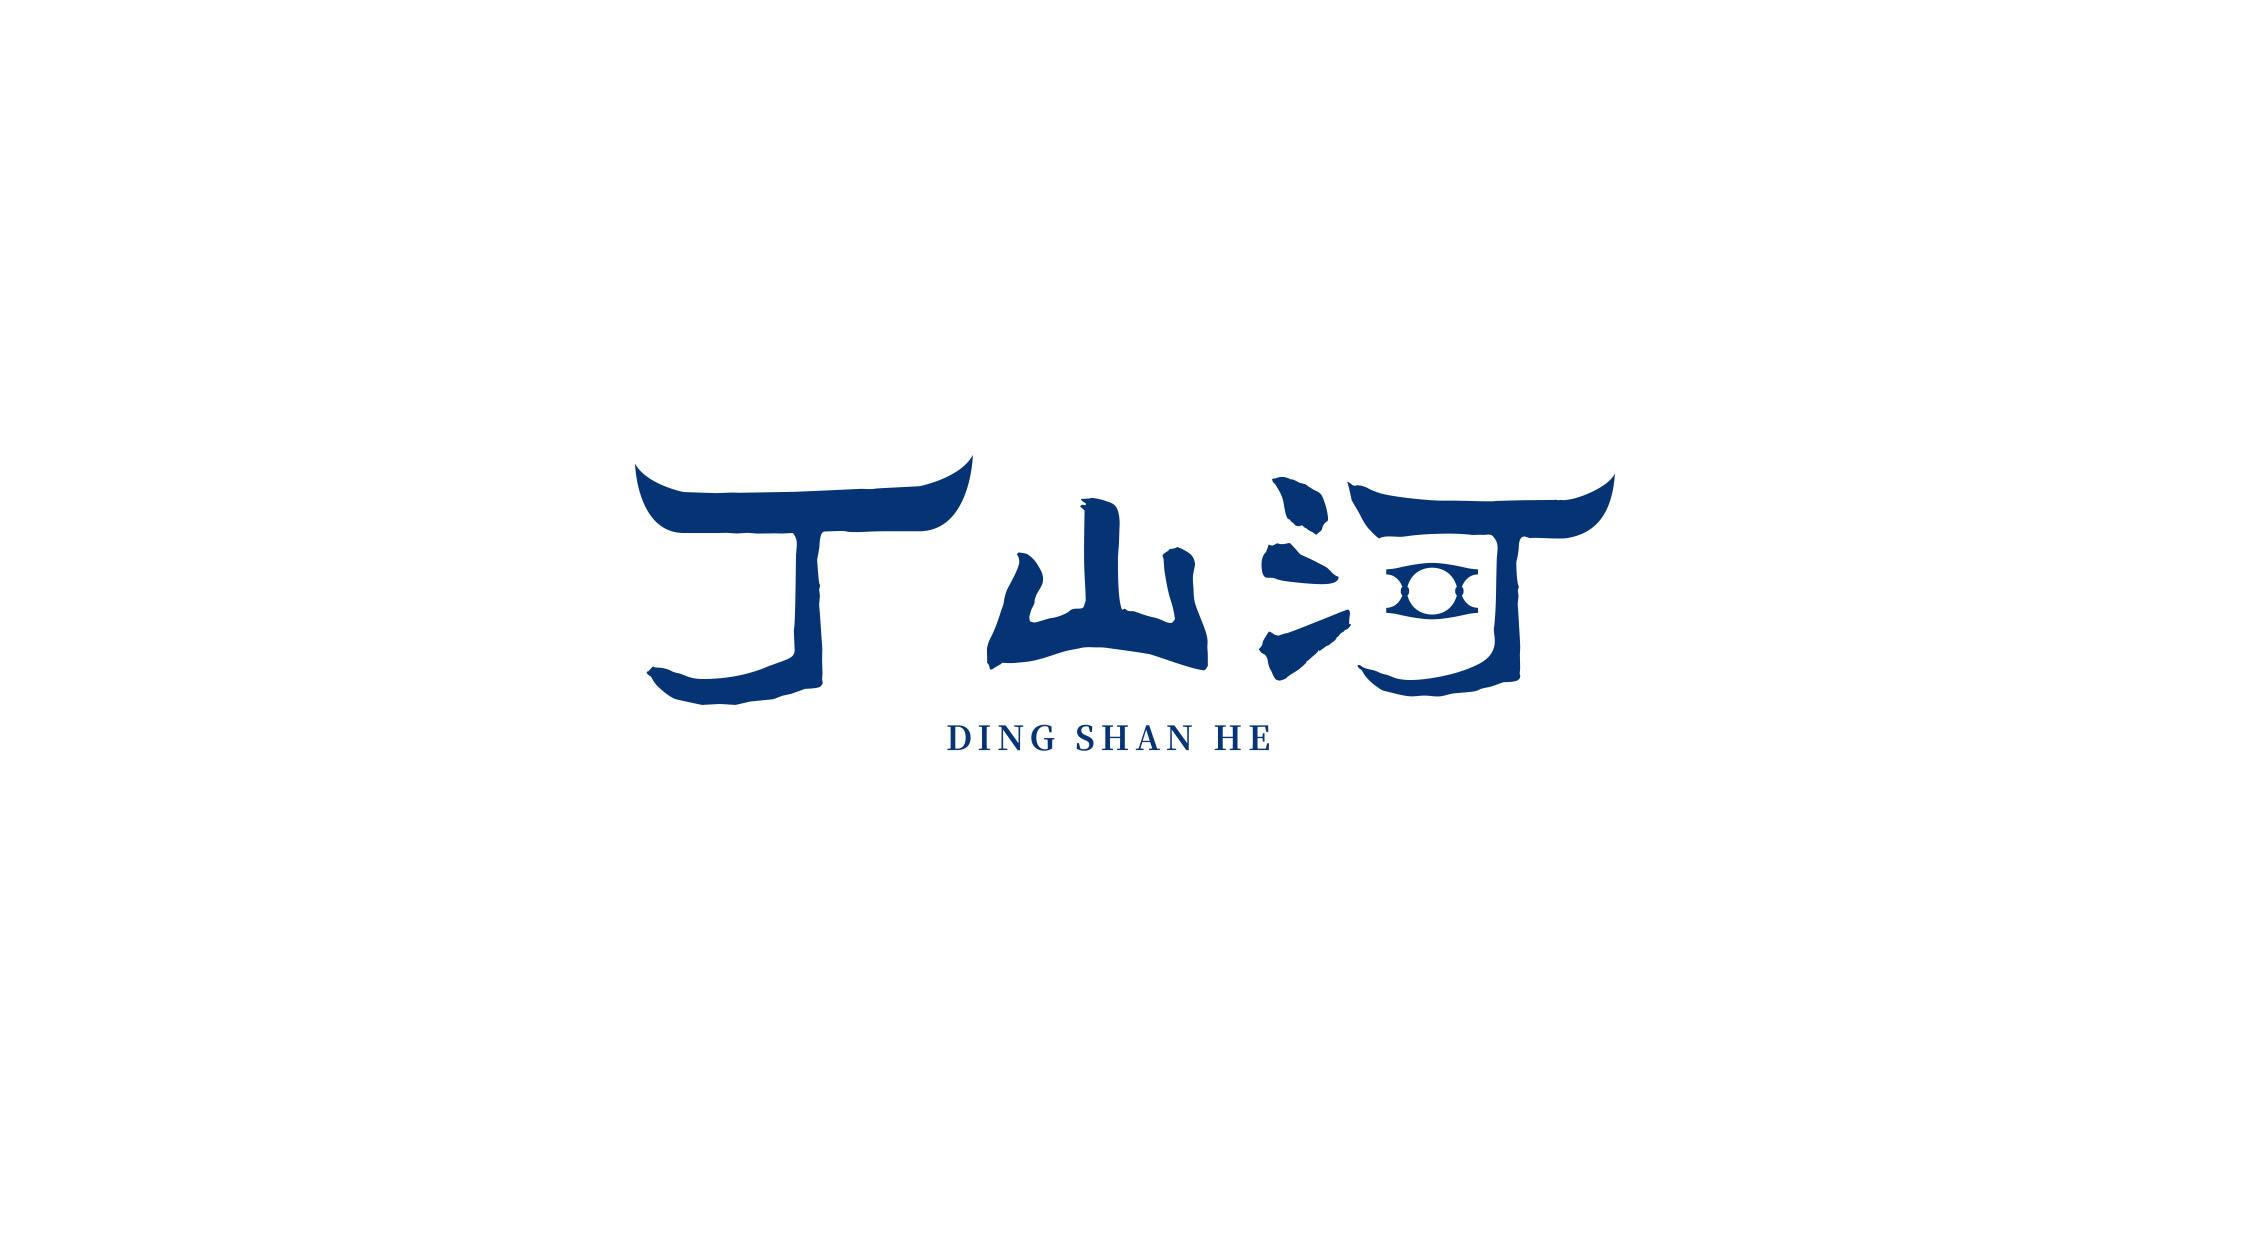 杭州丁山河科技有限公司